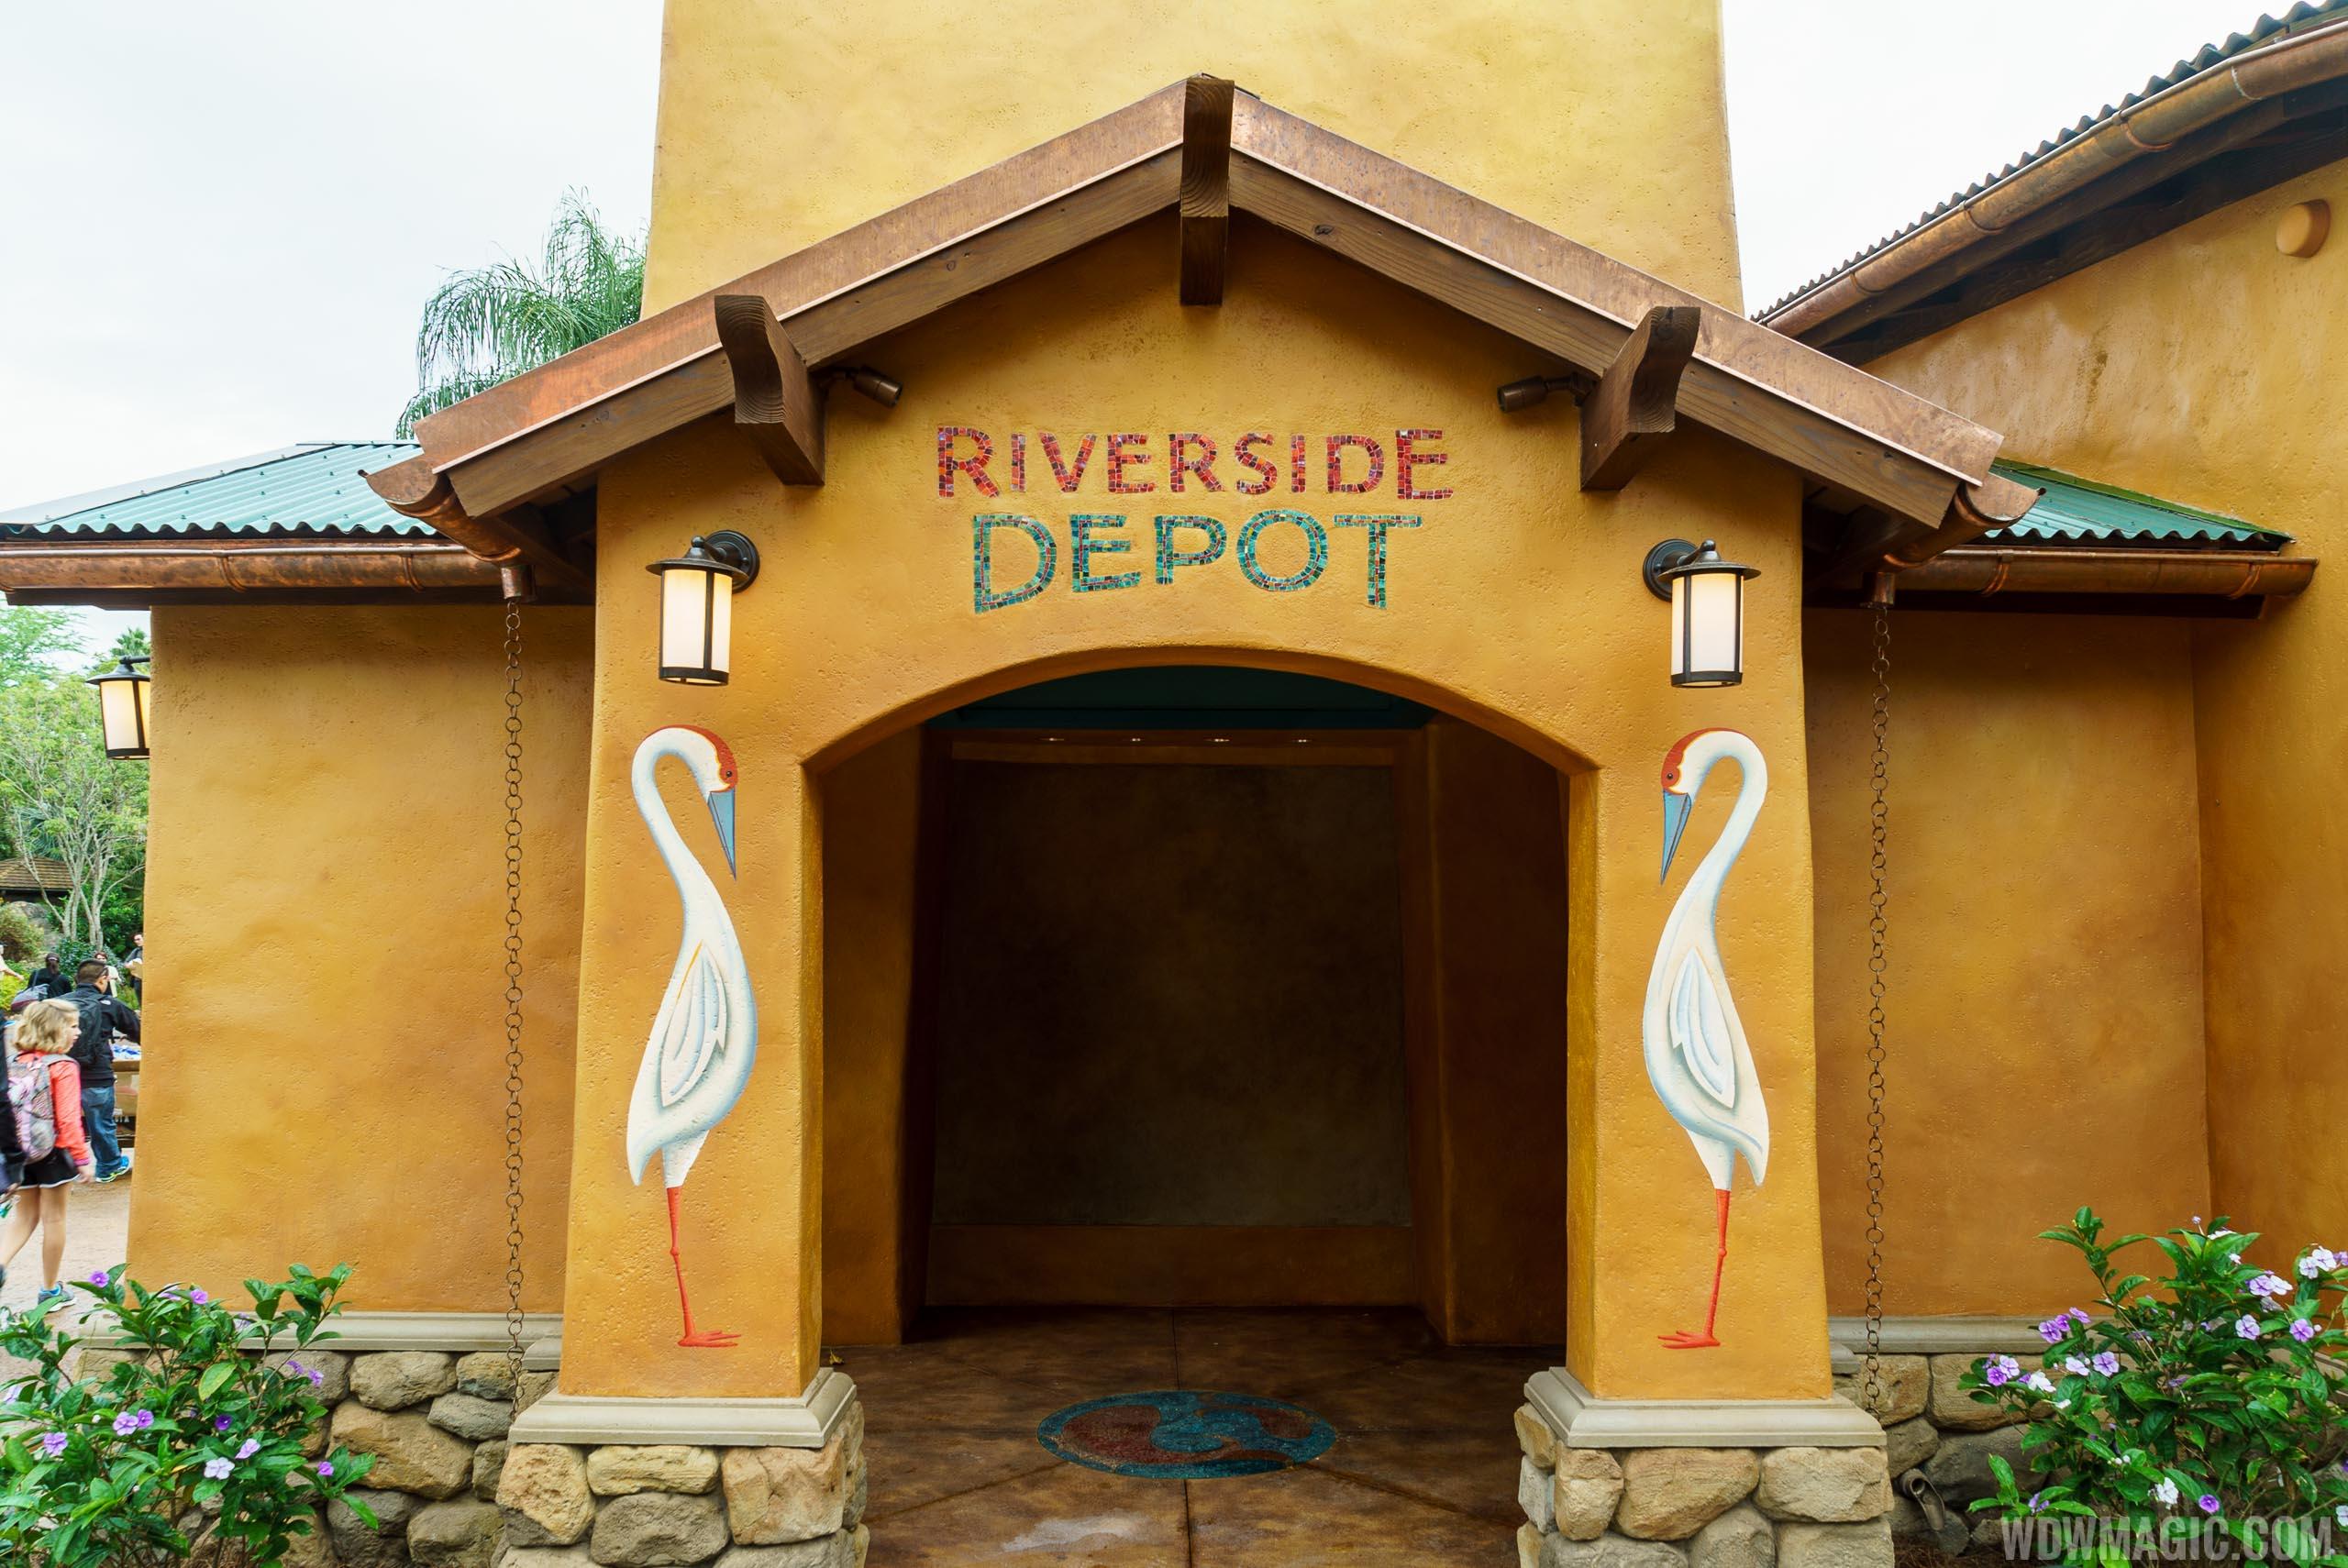 Riverside Depot overview